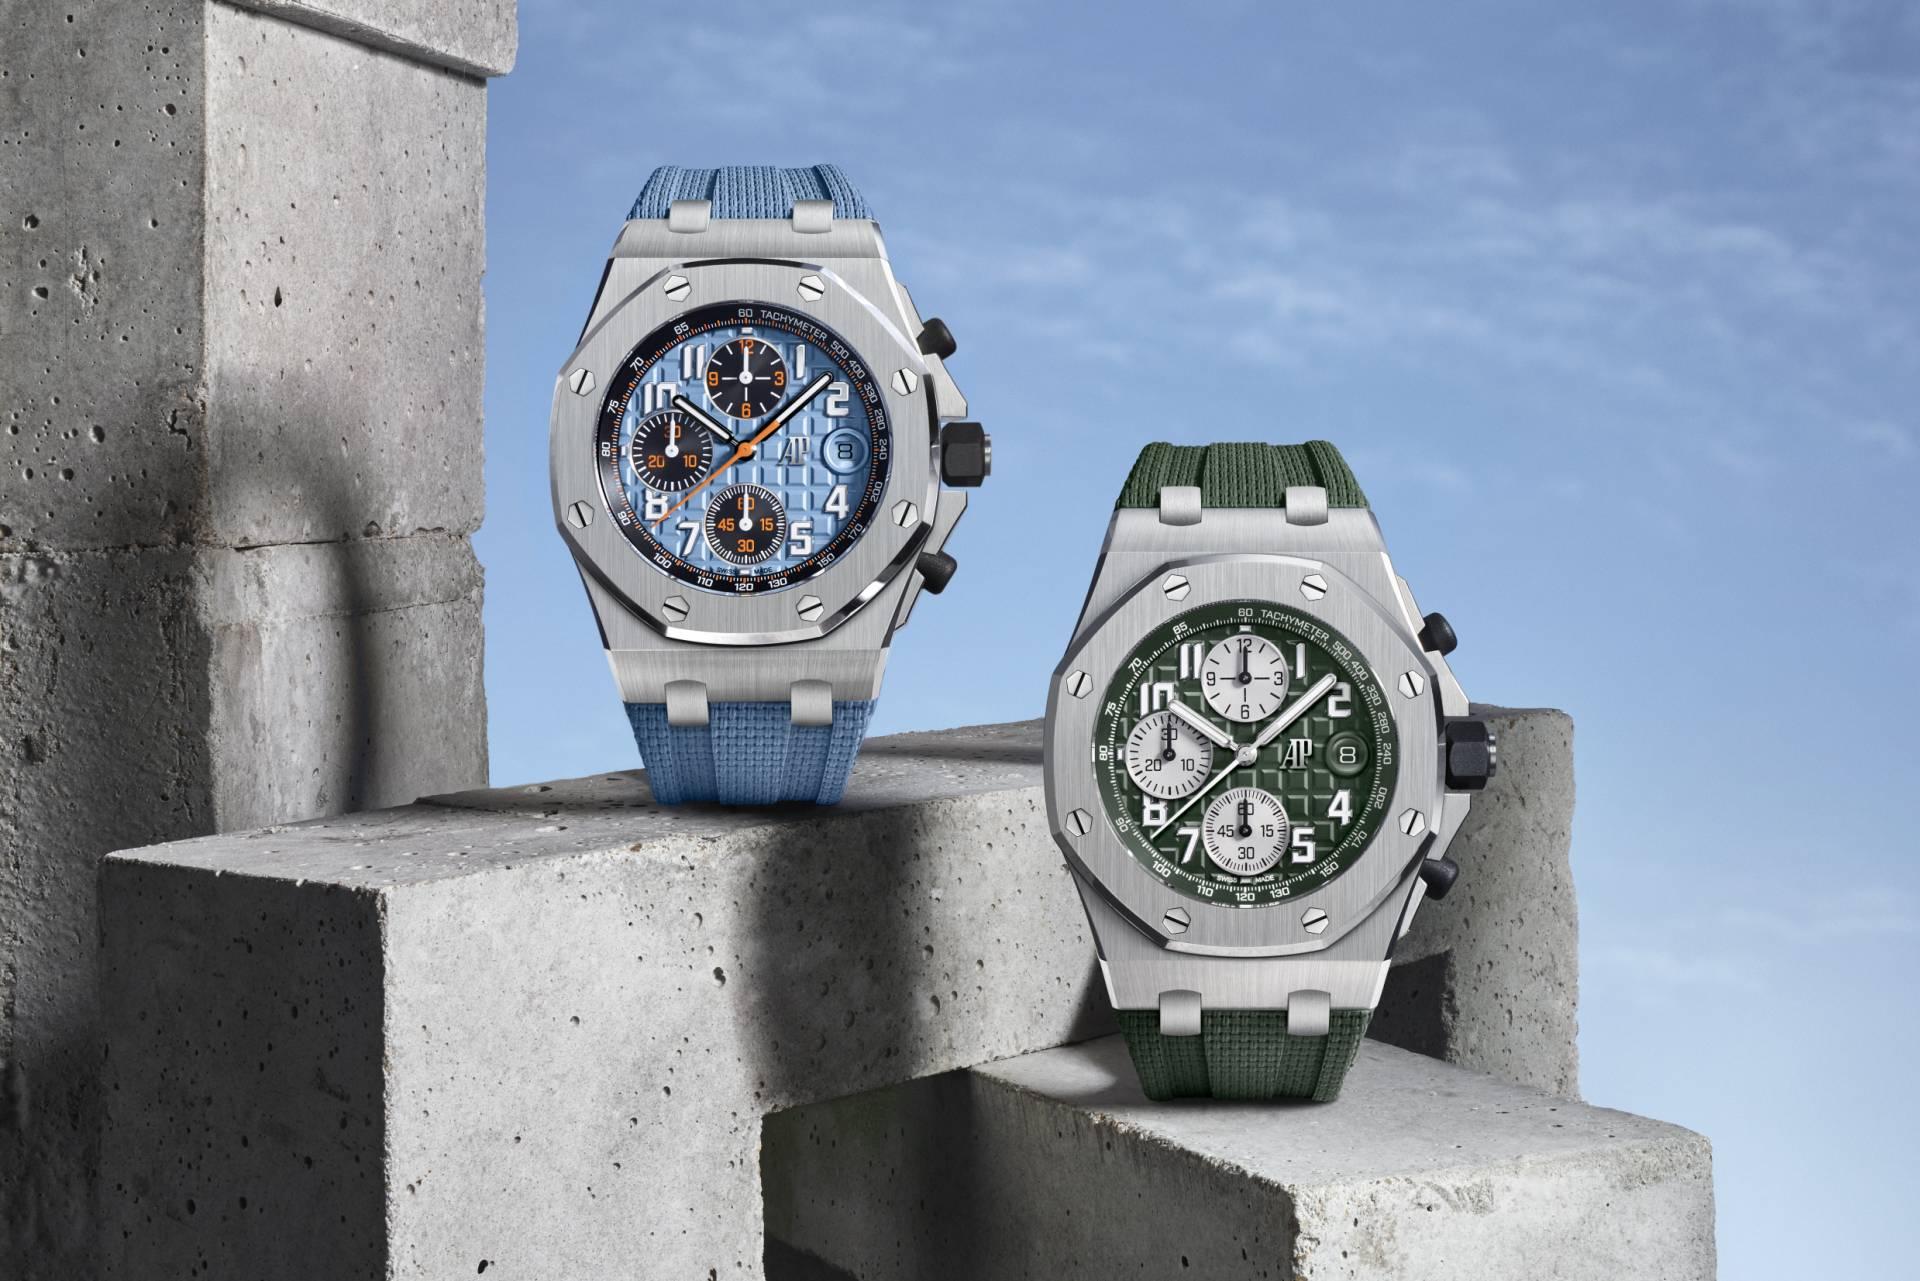 愛彼推出新款42毫米皇家橡樹離岸型自動上鍊計時碼錶